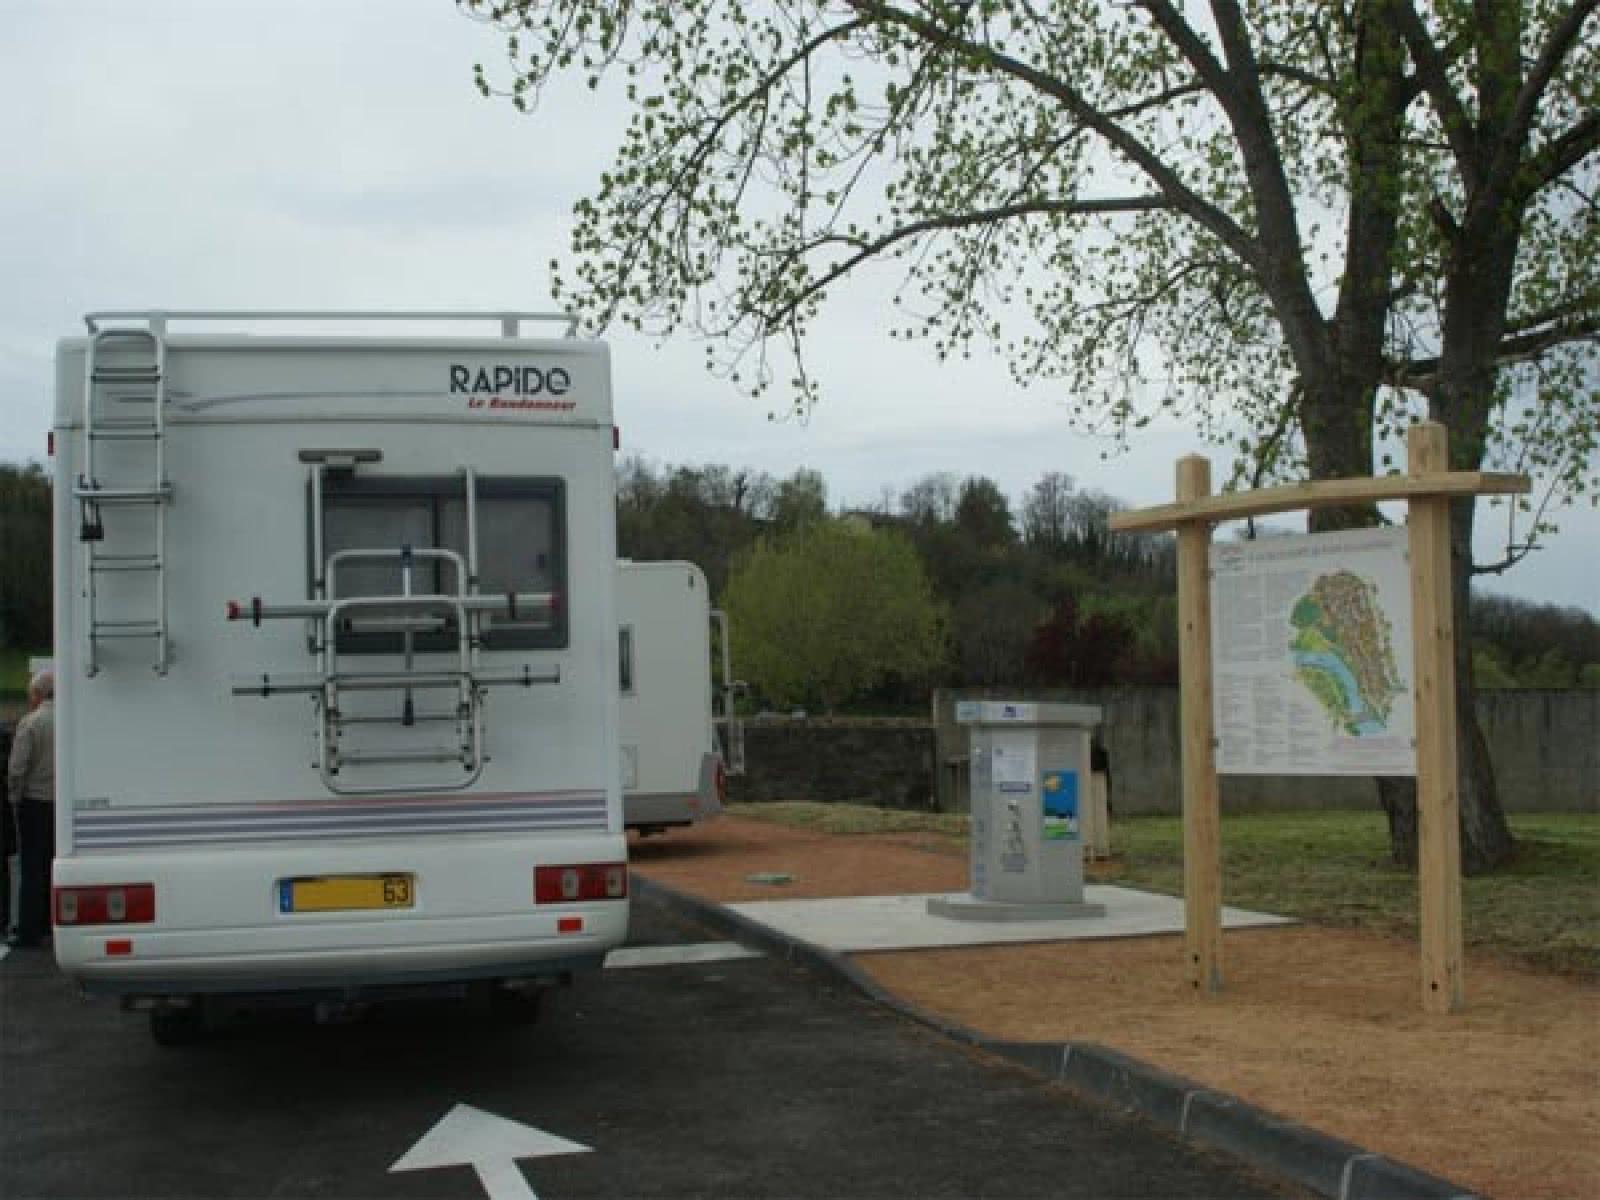 Aire de services pour camping cars de pont du ch teau for Salon du camping car clermont ferrand